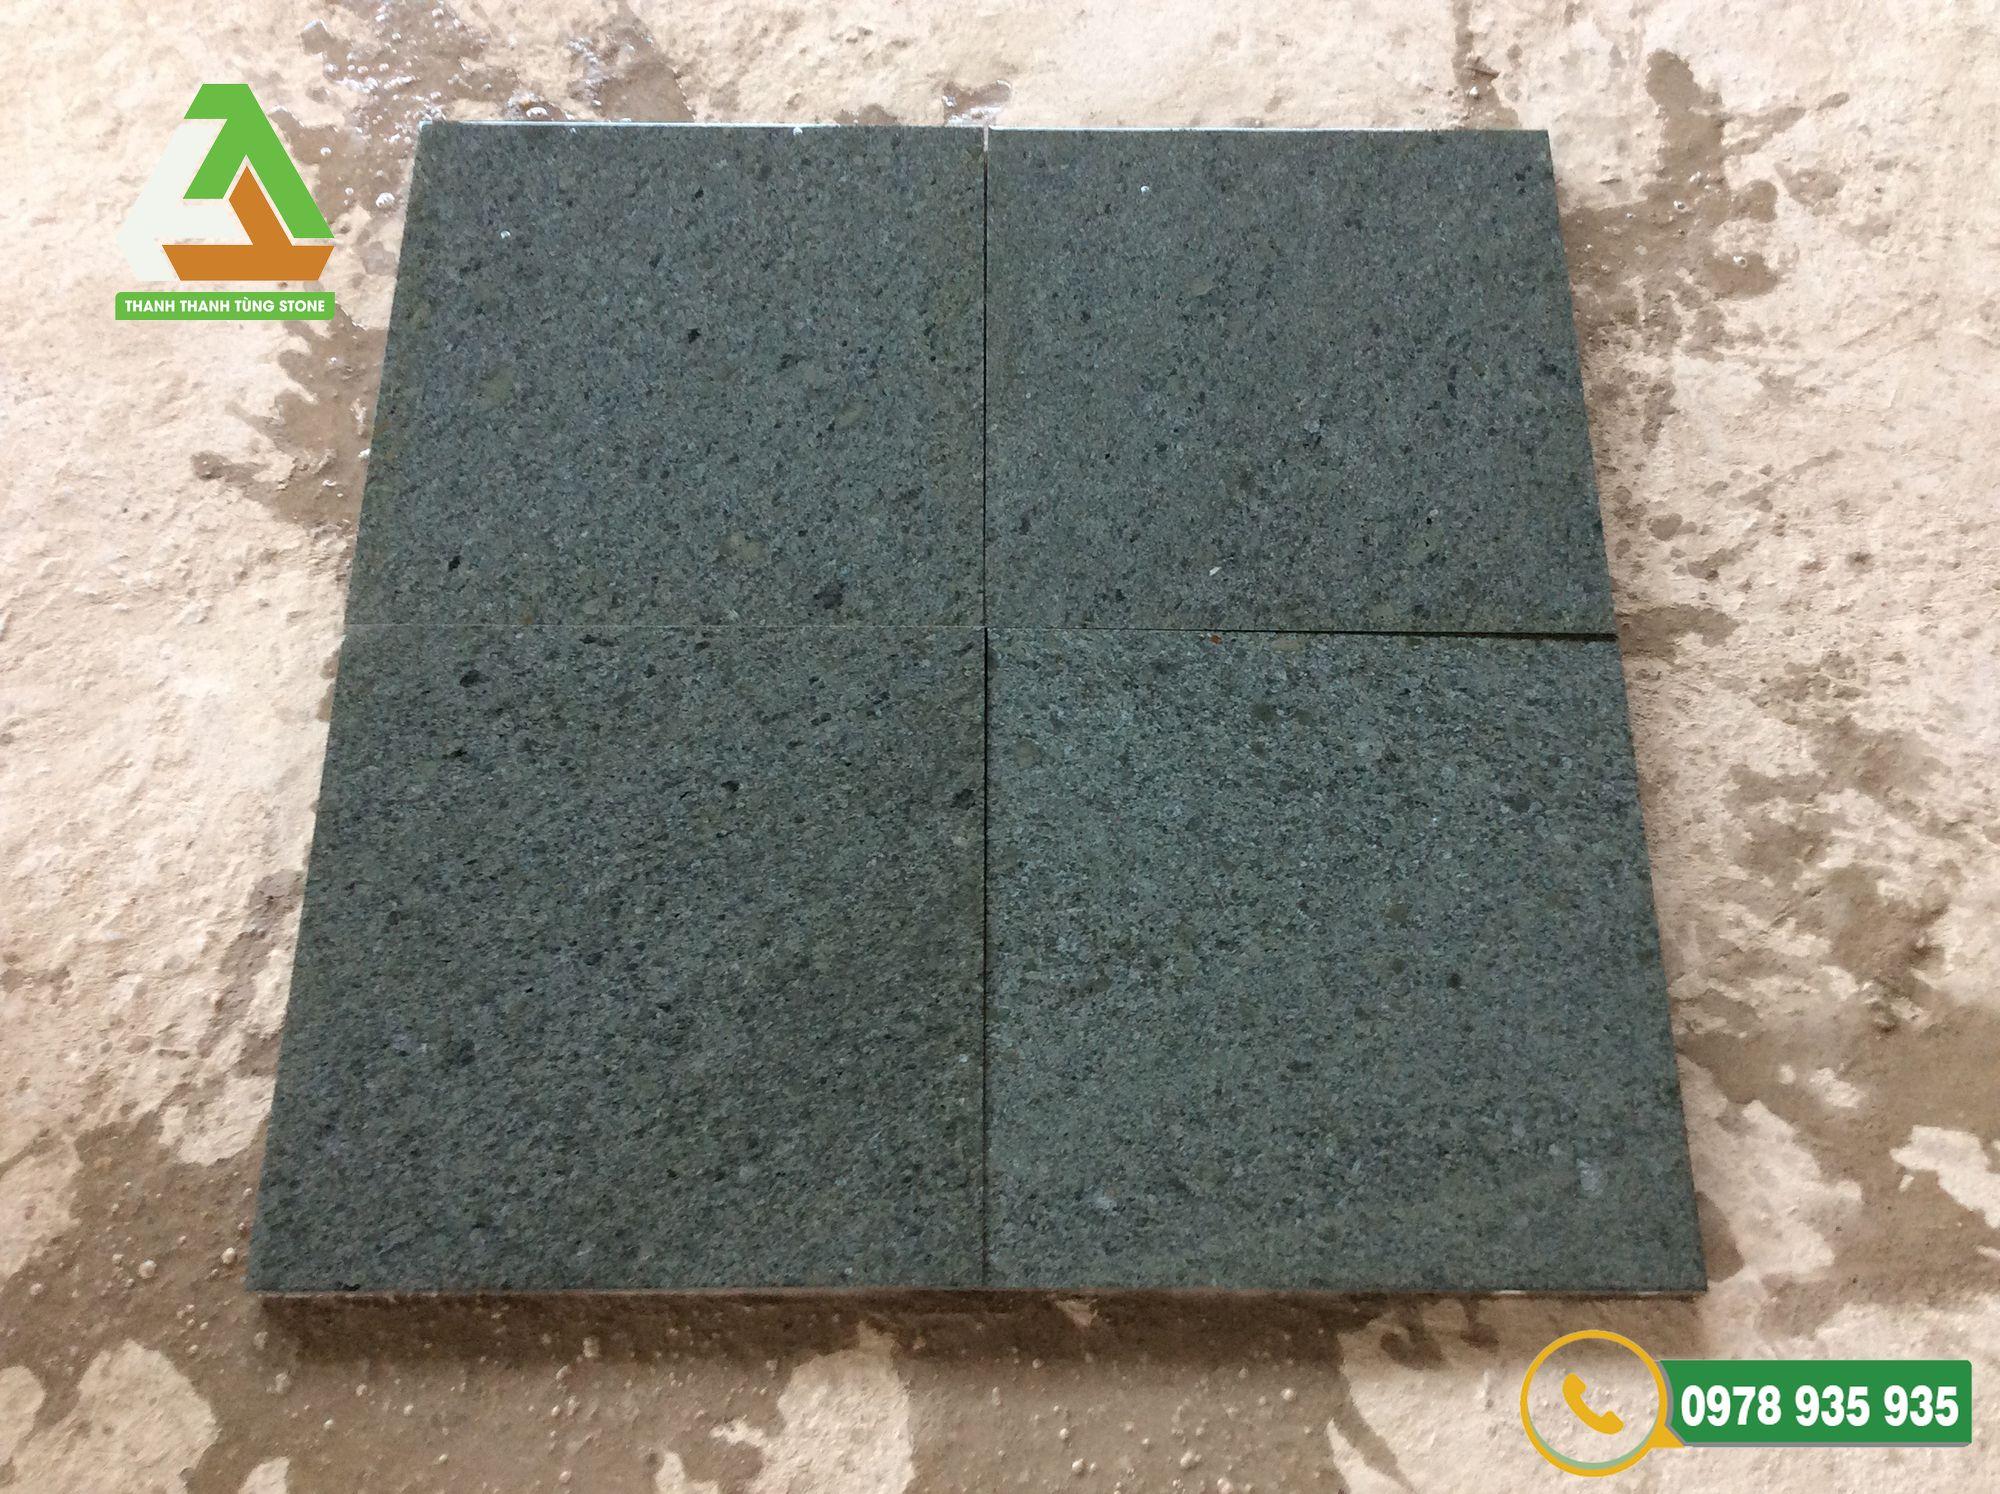 Mẫu đá xanh rêu Thanh Hóa băm mặt với màu xanh mộc mạc